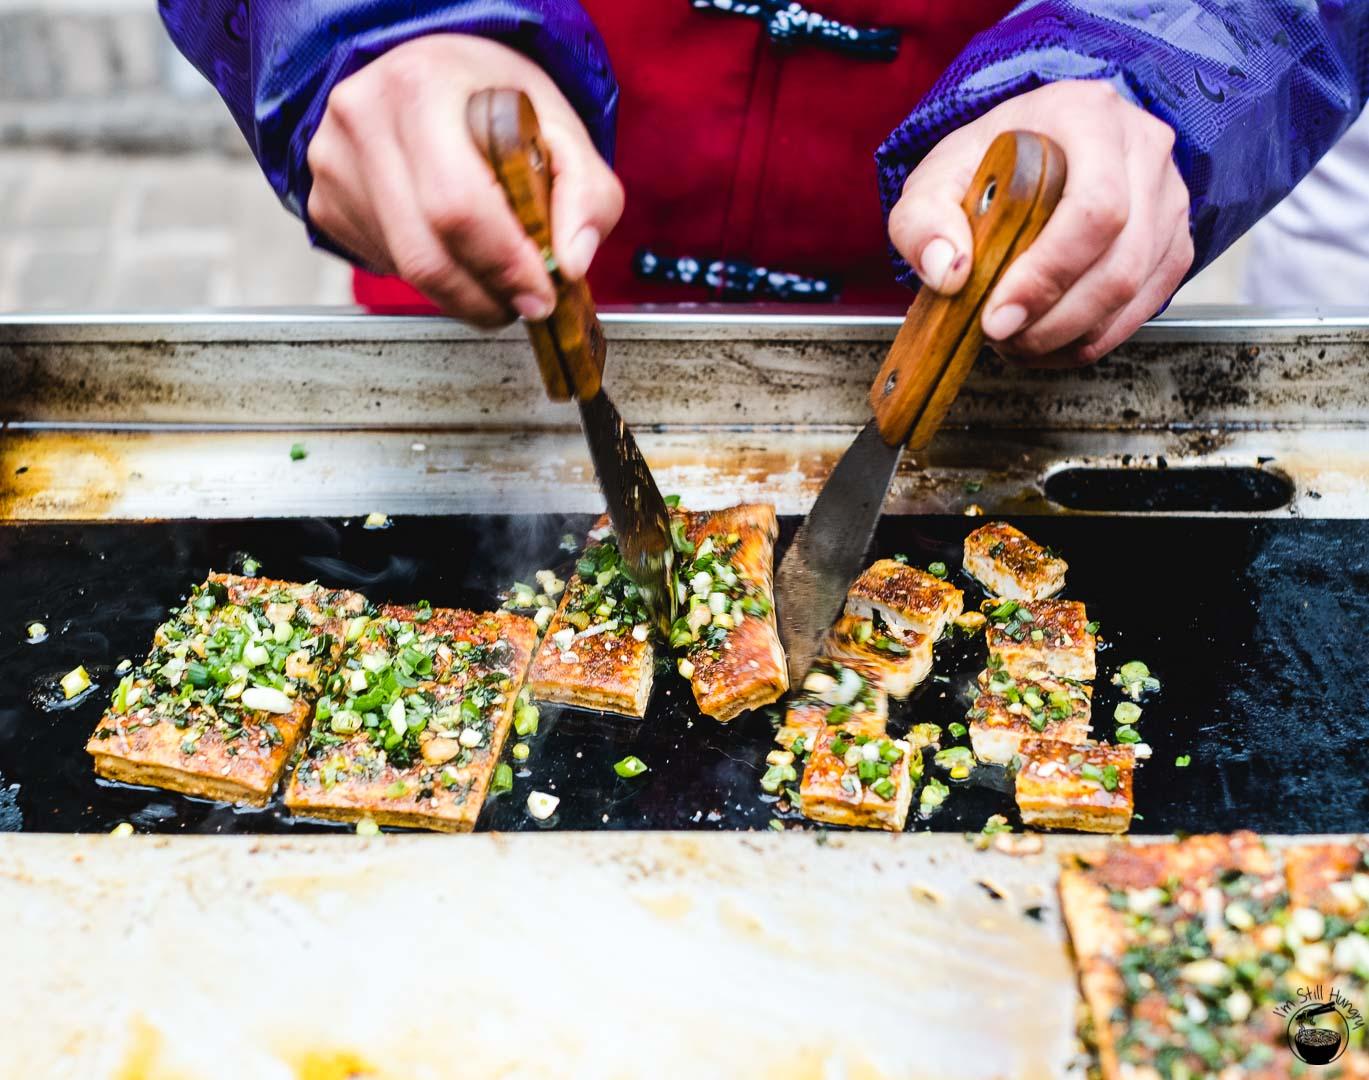 铁板香辣豆腐 (tie ban xiang la dou fu) Hui Min Jie Xi'an Muslim Street Food